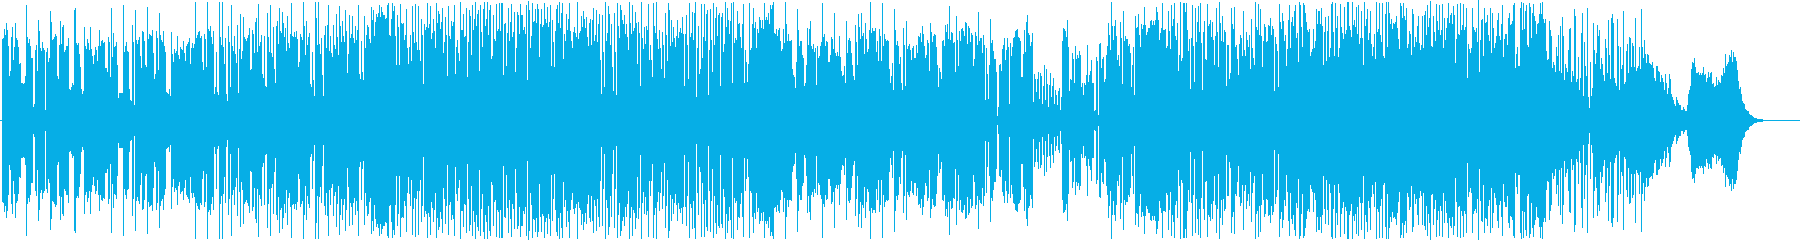 メタリックでダークな雰囲気のテクノの再生済みの波形